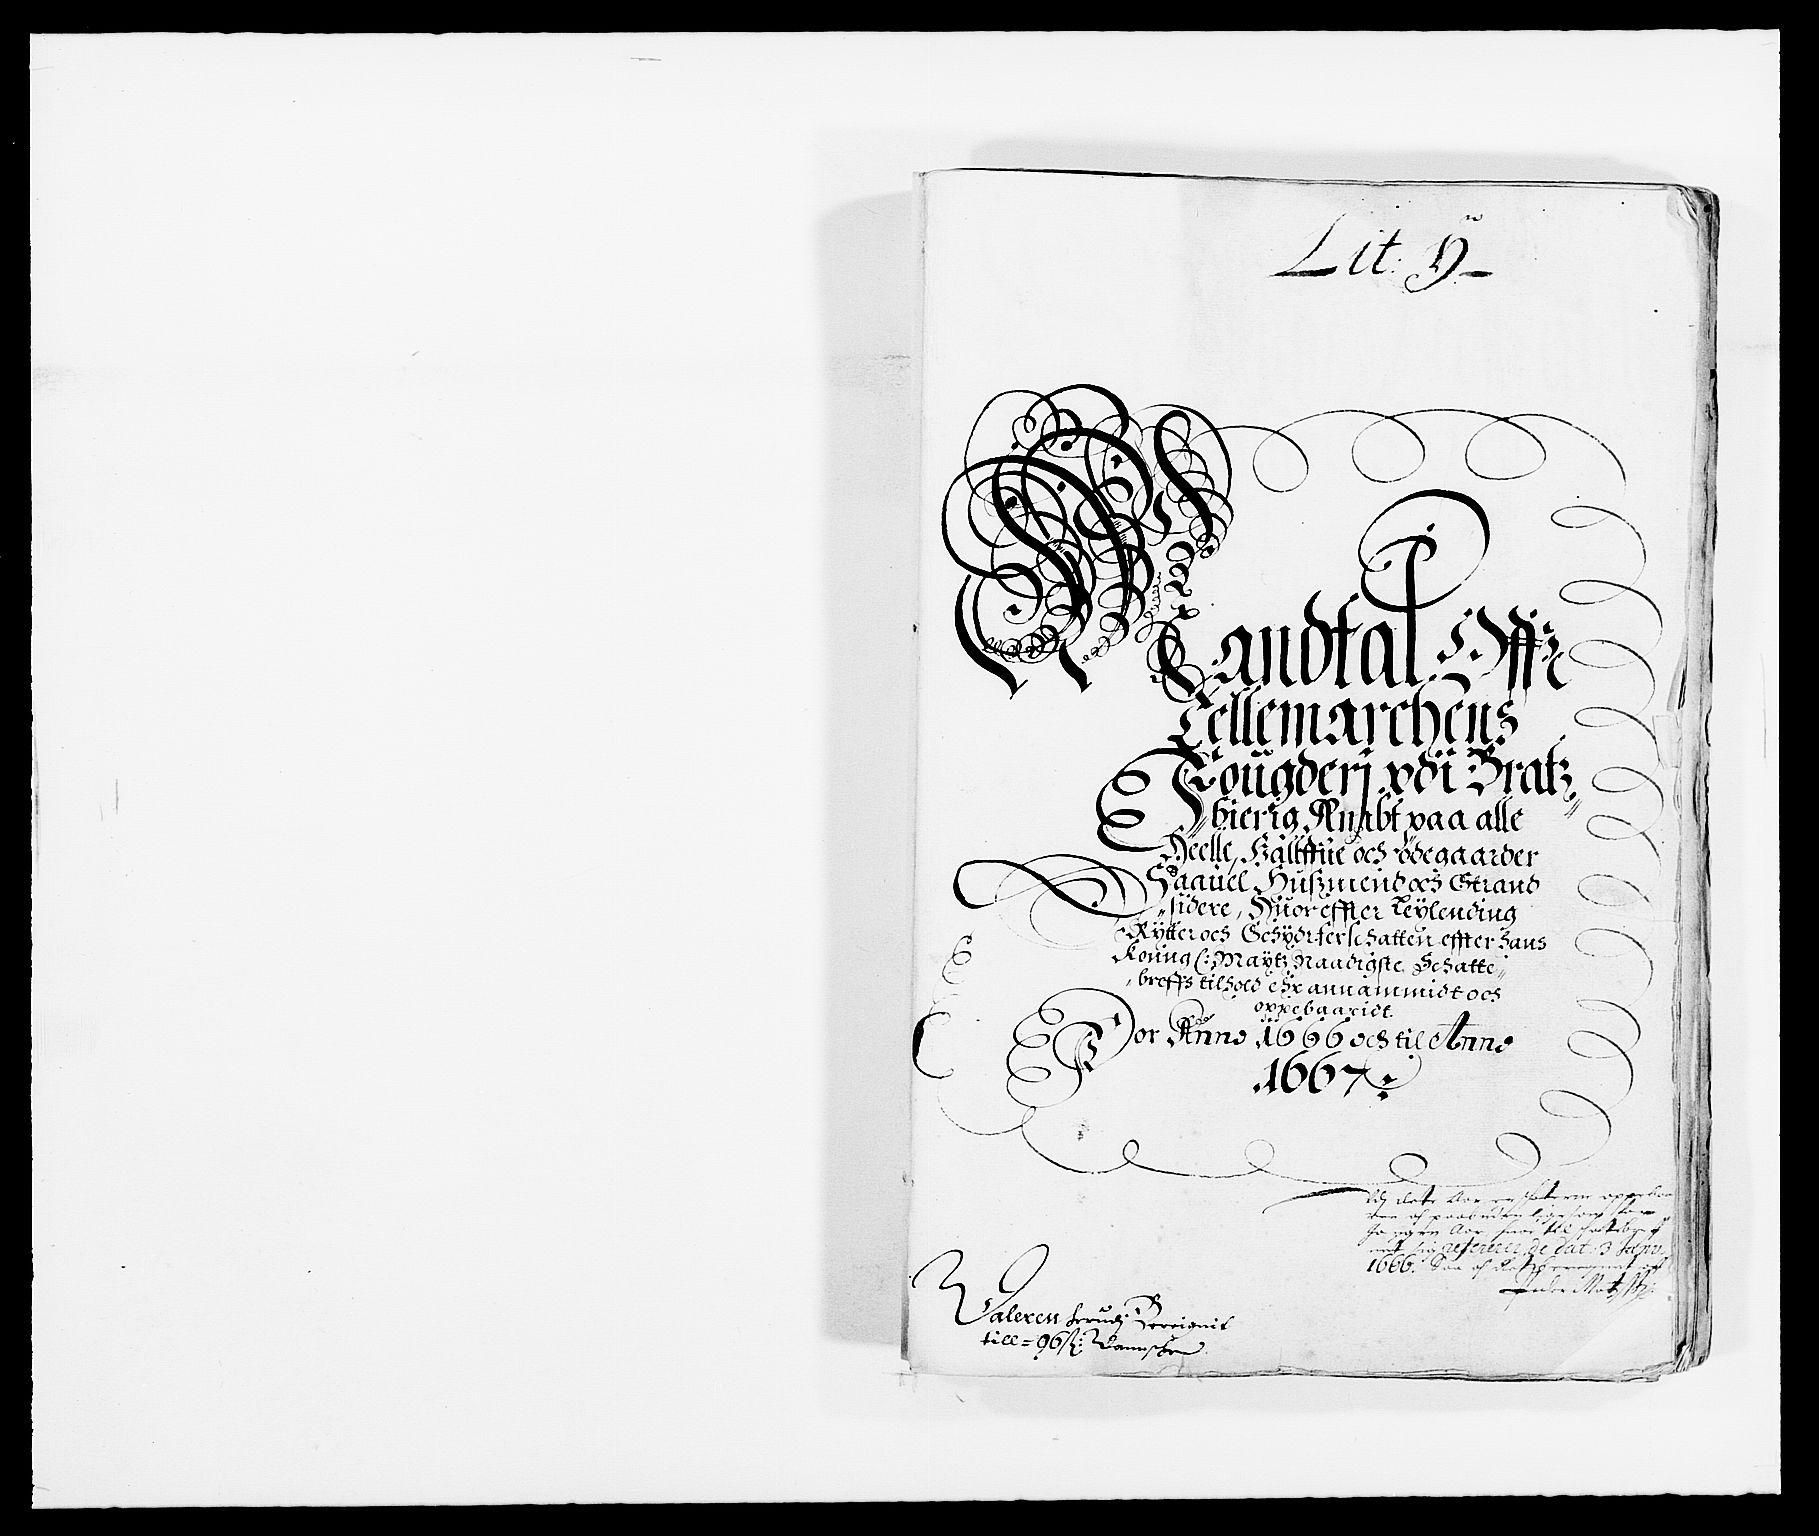 RA, Rentekammeret inntil 1814, Reviderte regnskaper, Fogderegnskap, R35/L2057: Fogderegnskap Øvre og Nedre Telemark, 1666-1667, s. 6